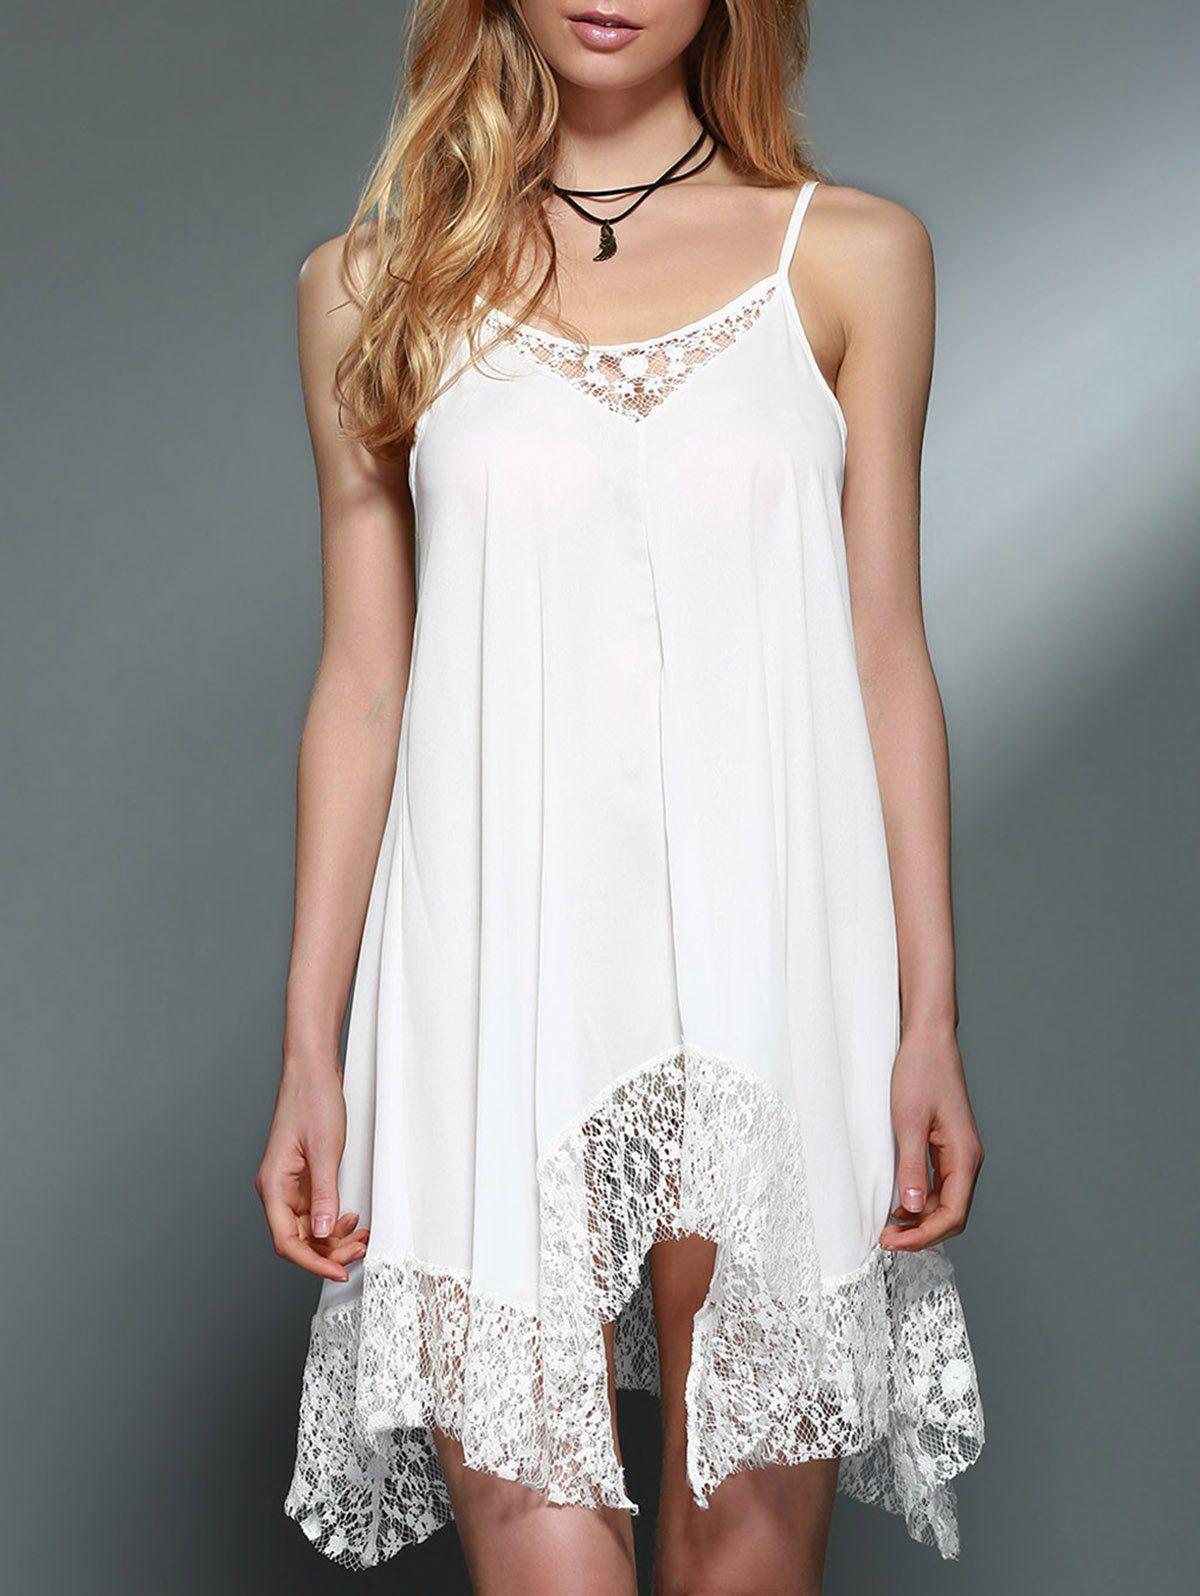 33+ Lace spliced dress ideas in 2021